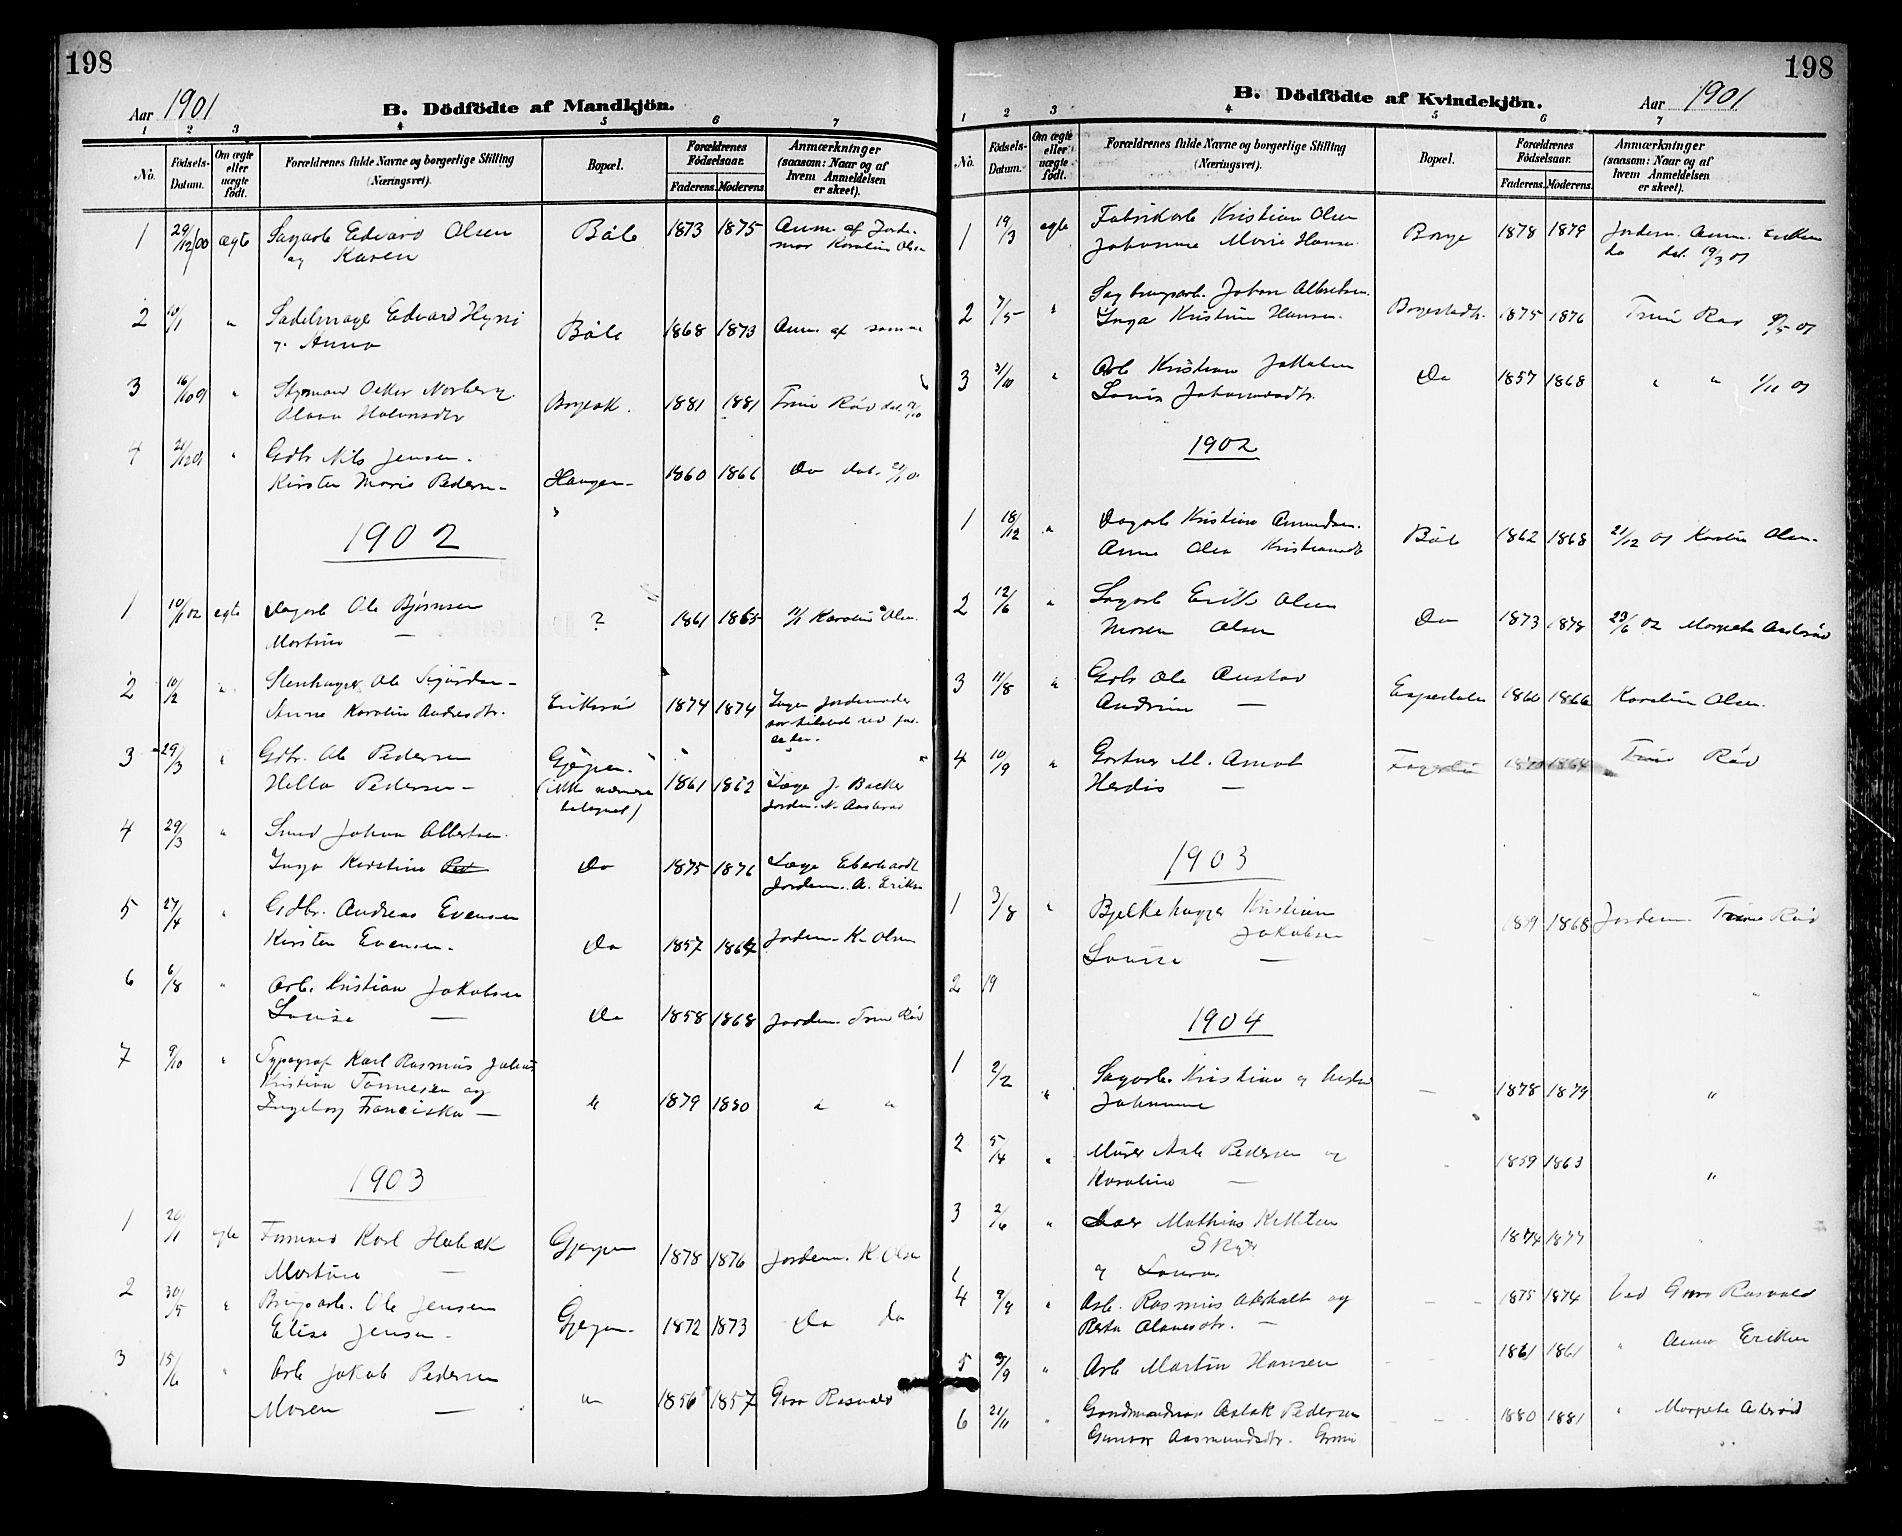 SAKO, Gjerpen kirkebøker, G/Ga/L0003: Klokkerbok nr. I 3, 1901-1919, s. 198